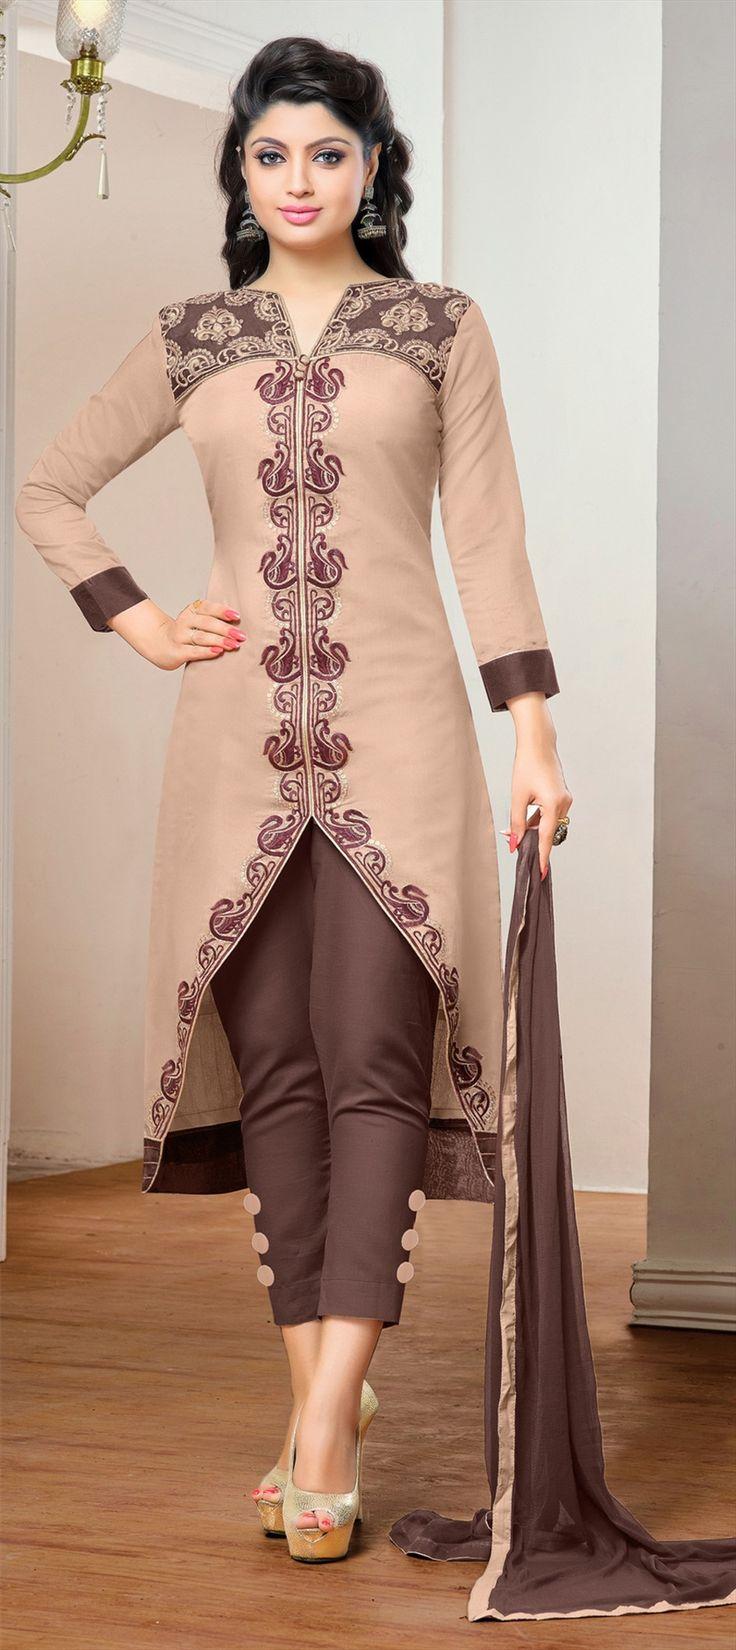 458382: Beige and Brown color family unstitched Cotton Salwar Kameez, Party Wear Salwar Kameez .